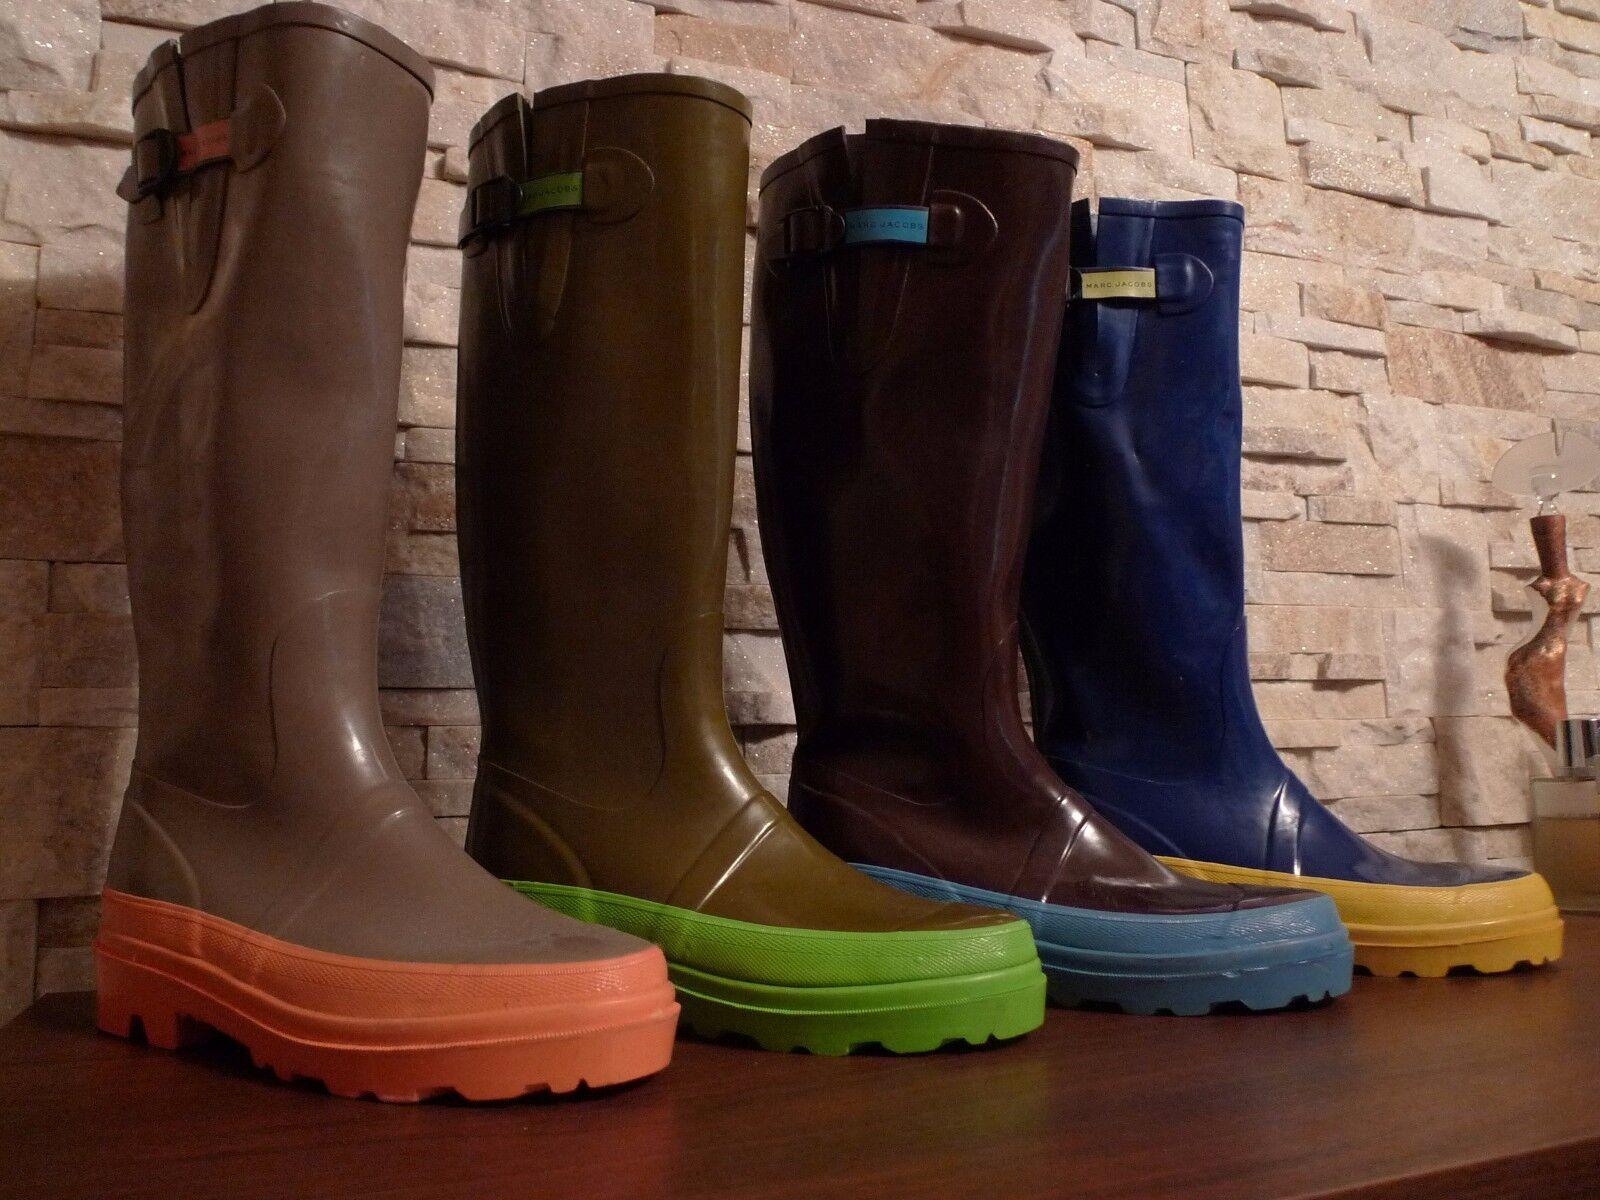 MARC JACOBS Homme Bottes de pluie, 4 couleurs différentes, taille Eur 43 US 9-9,5